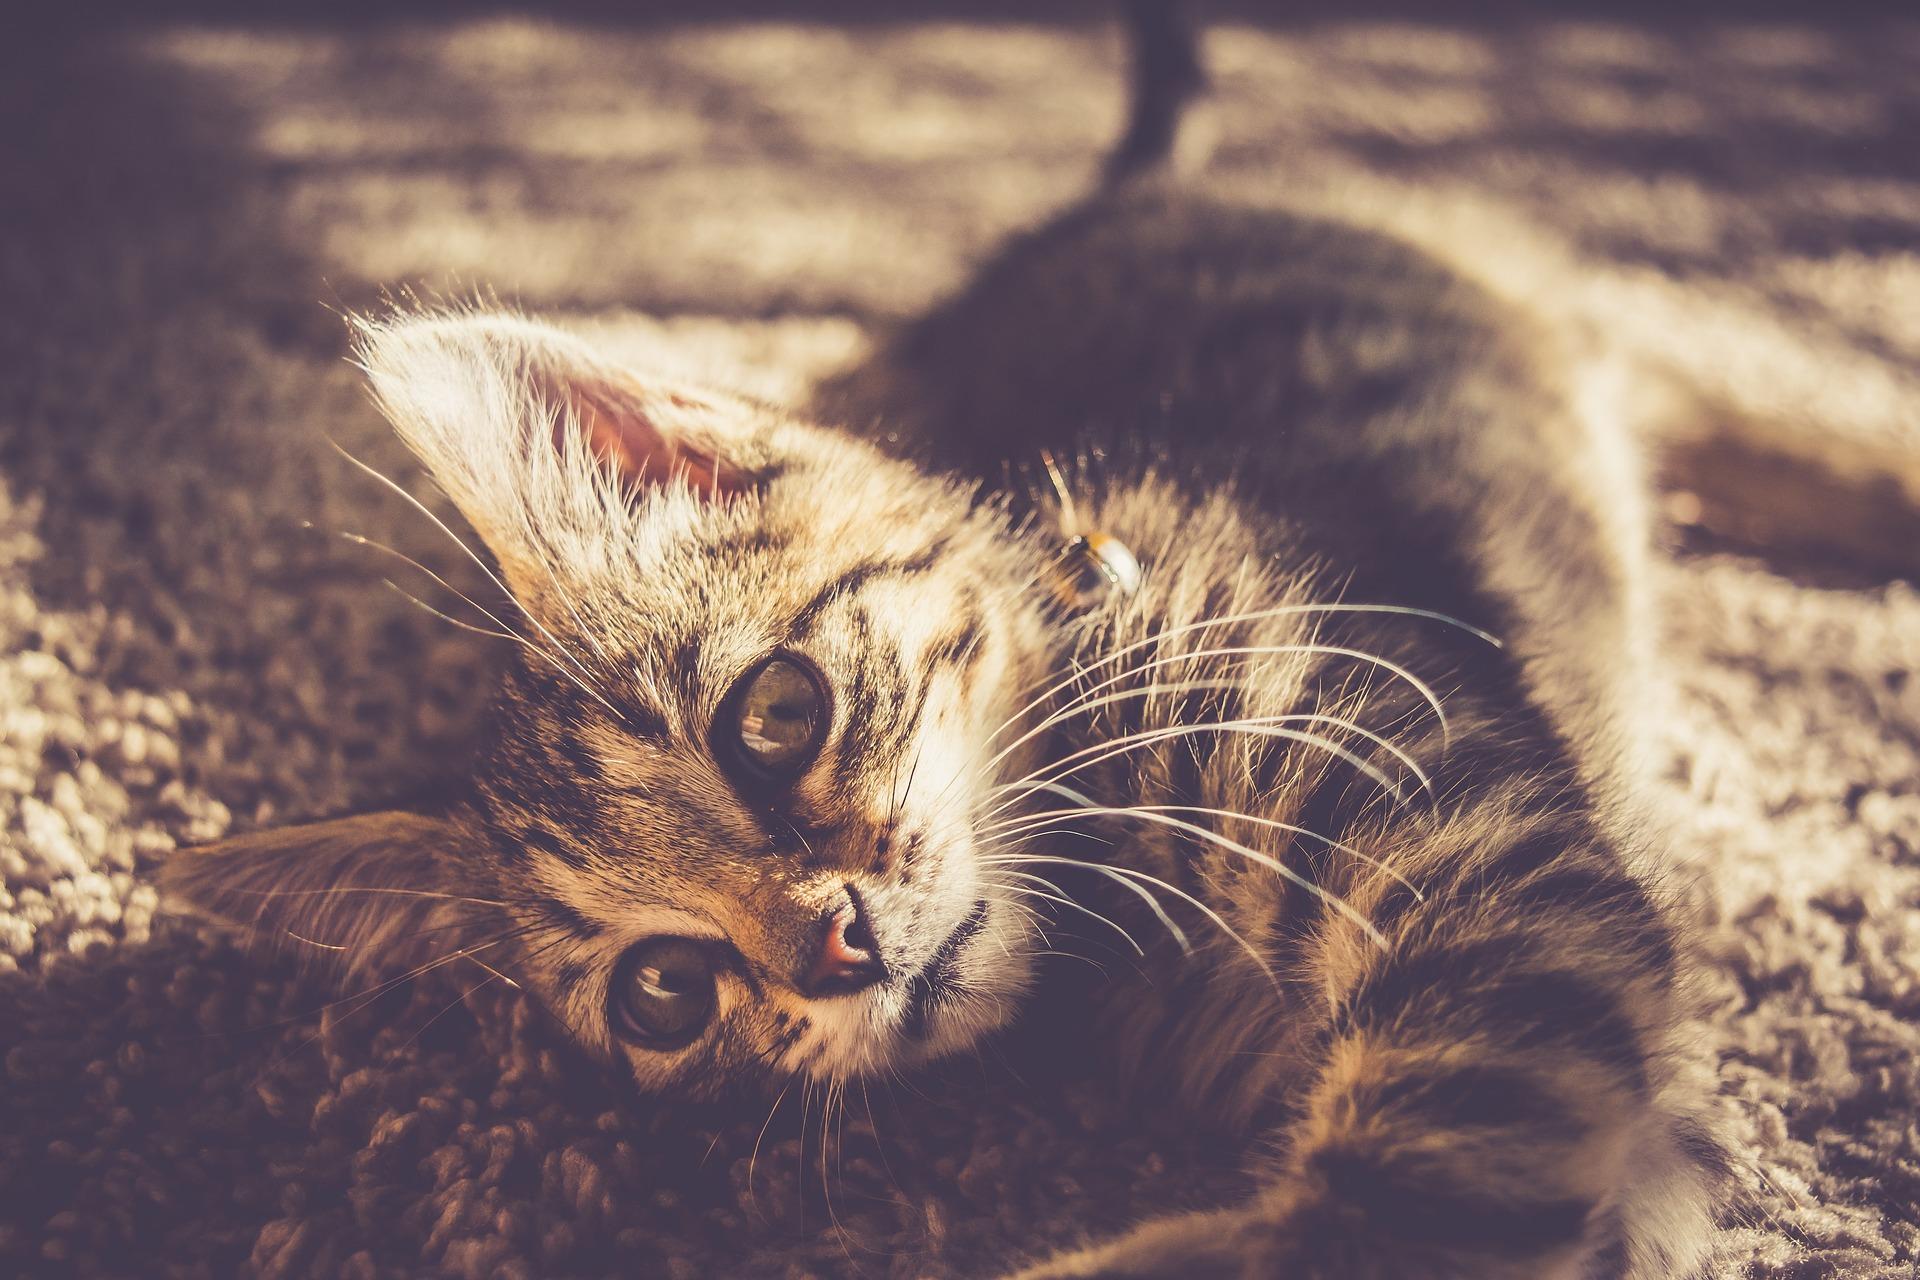 Foto de um gatinho deitado em um tapete. Imagem ilustrativa para o texto manter seus carpetes limpos.